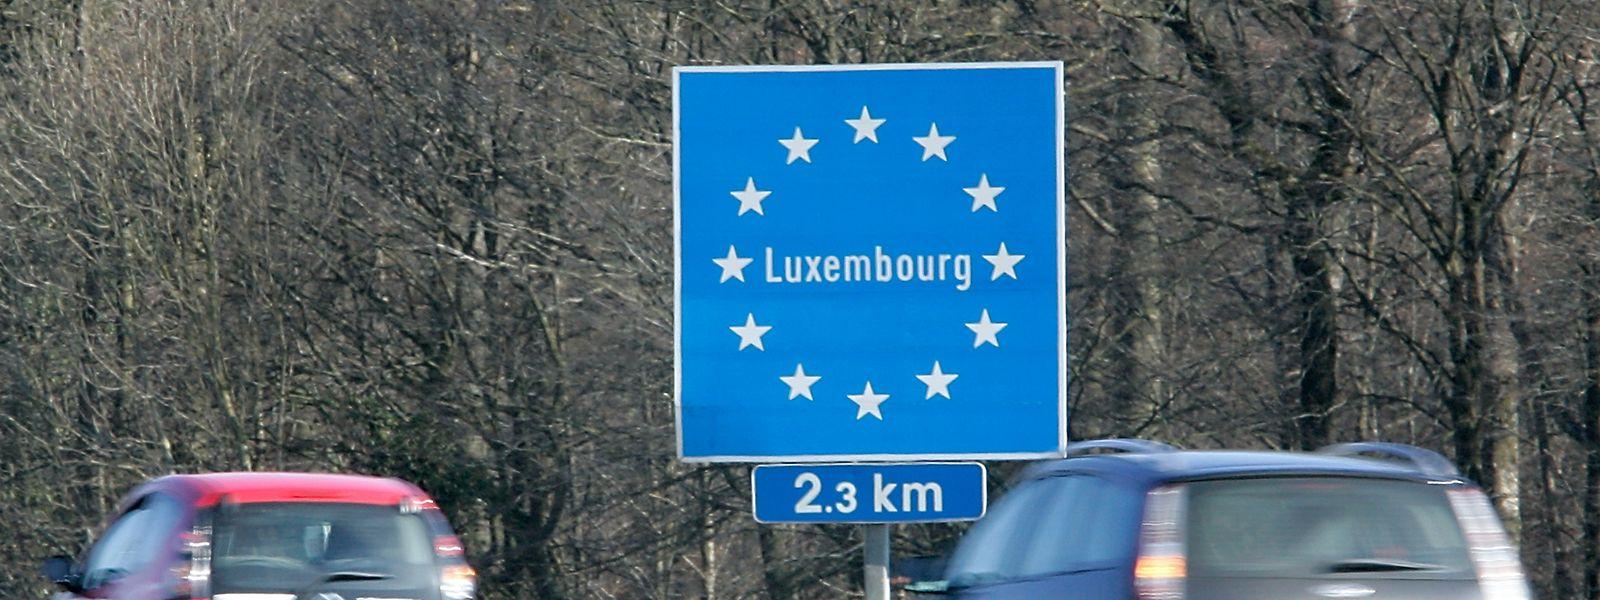 Plus de 40.000 frontaliers belges traversent chaque jour la frontière grand-ducale pour se rendre sur leur lieu de travail.